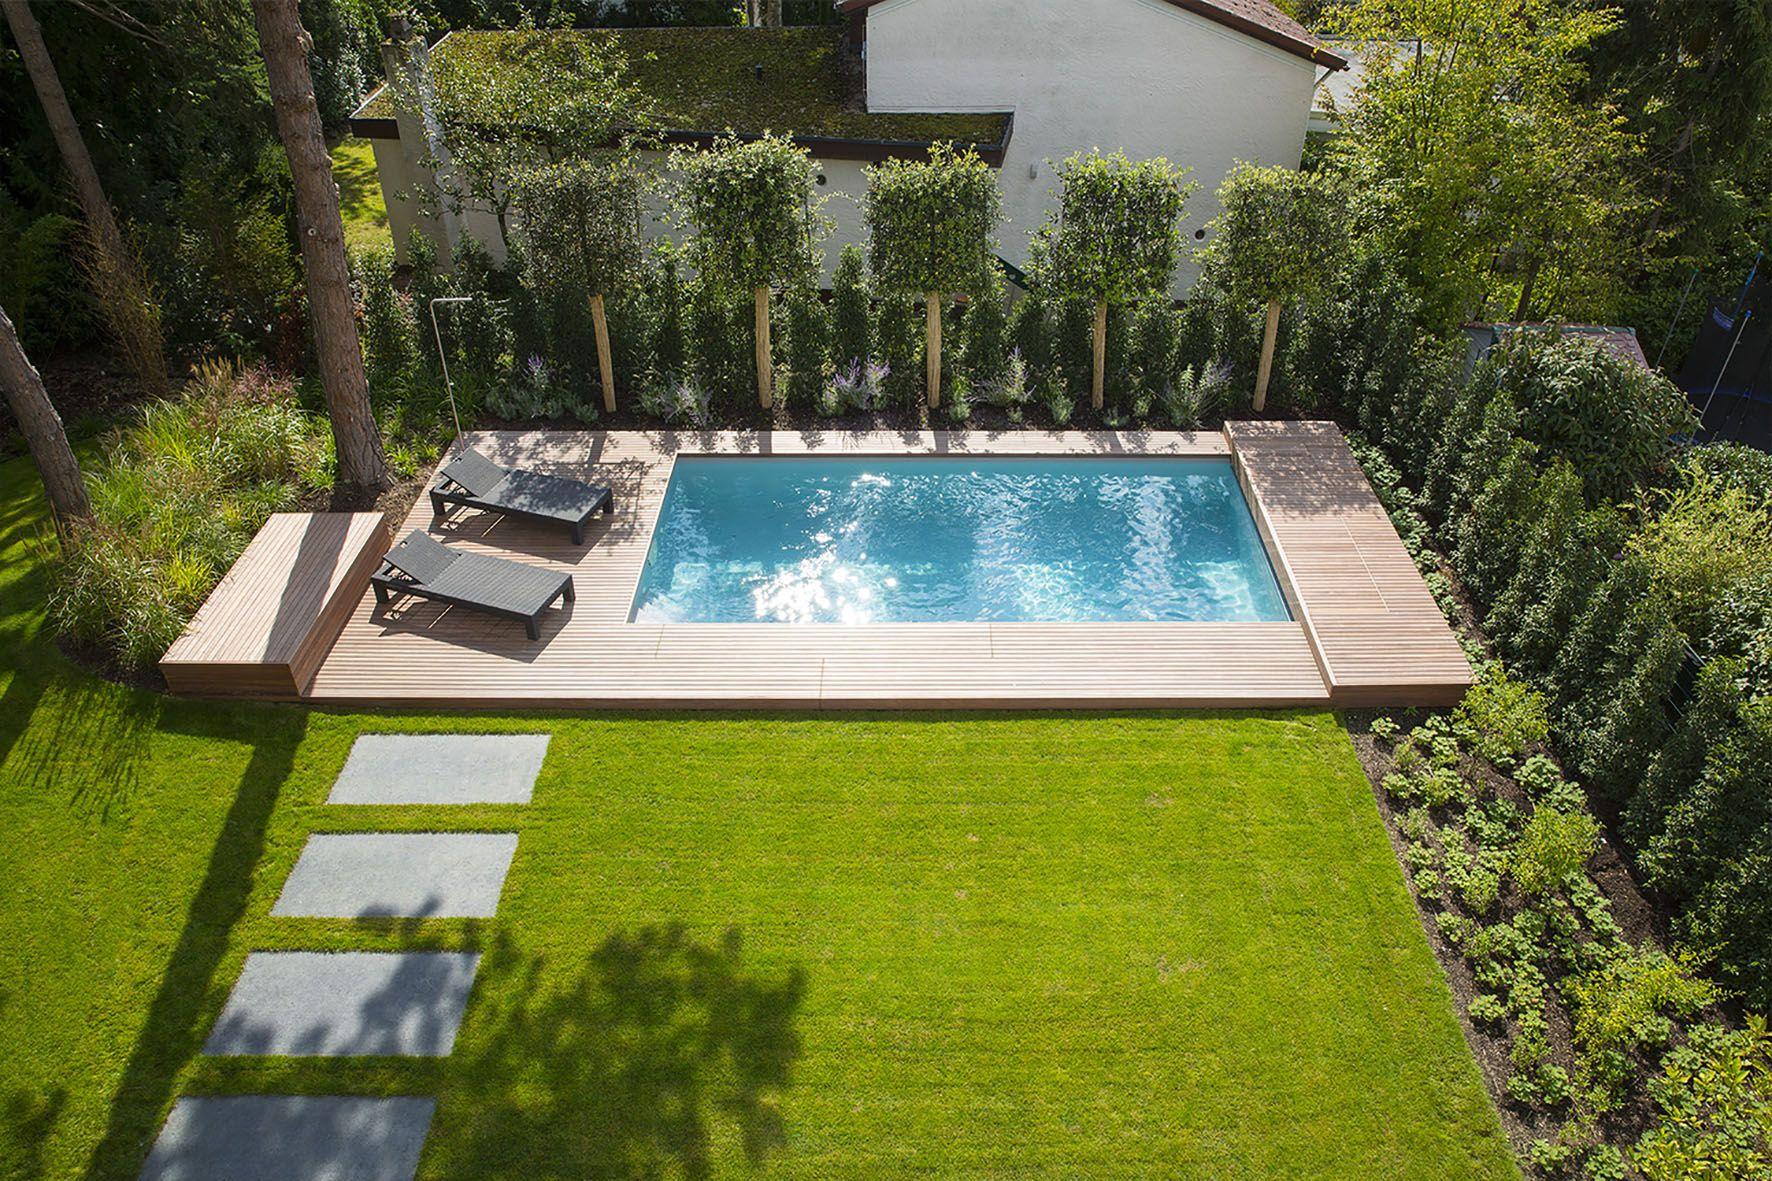 auch wer ber wenig platz verf gt oder auch ein kleines budget zur verf gung hat kann mit pools. Black Bedroom Furniture Sets. Home Design Ideas